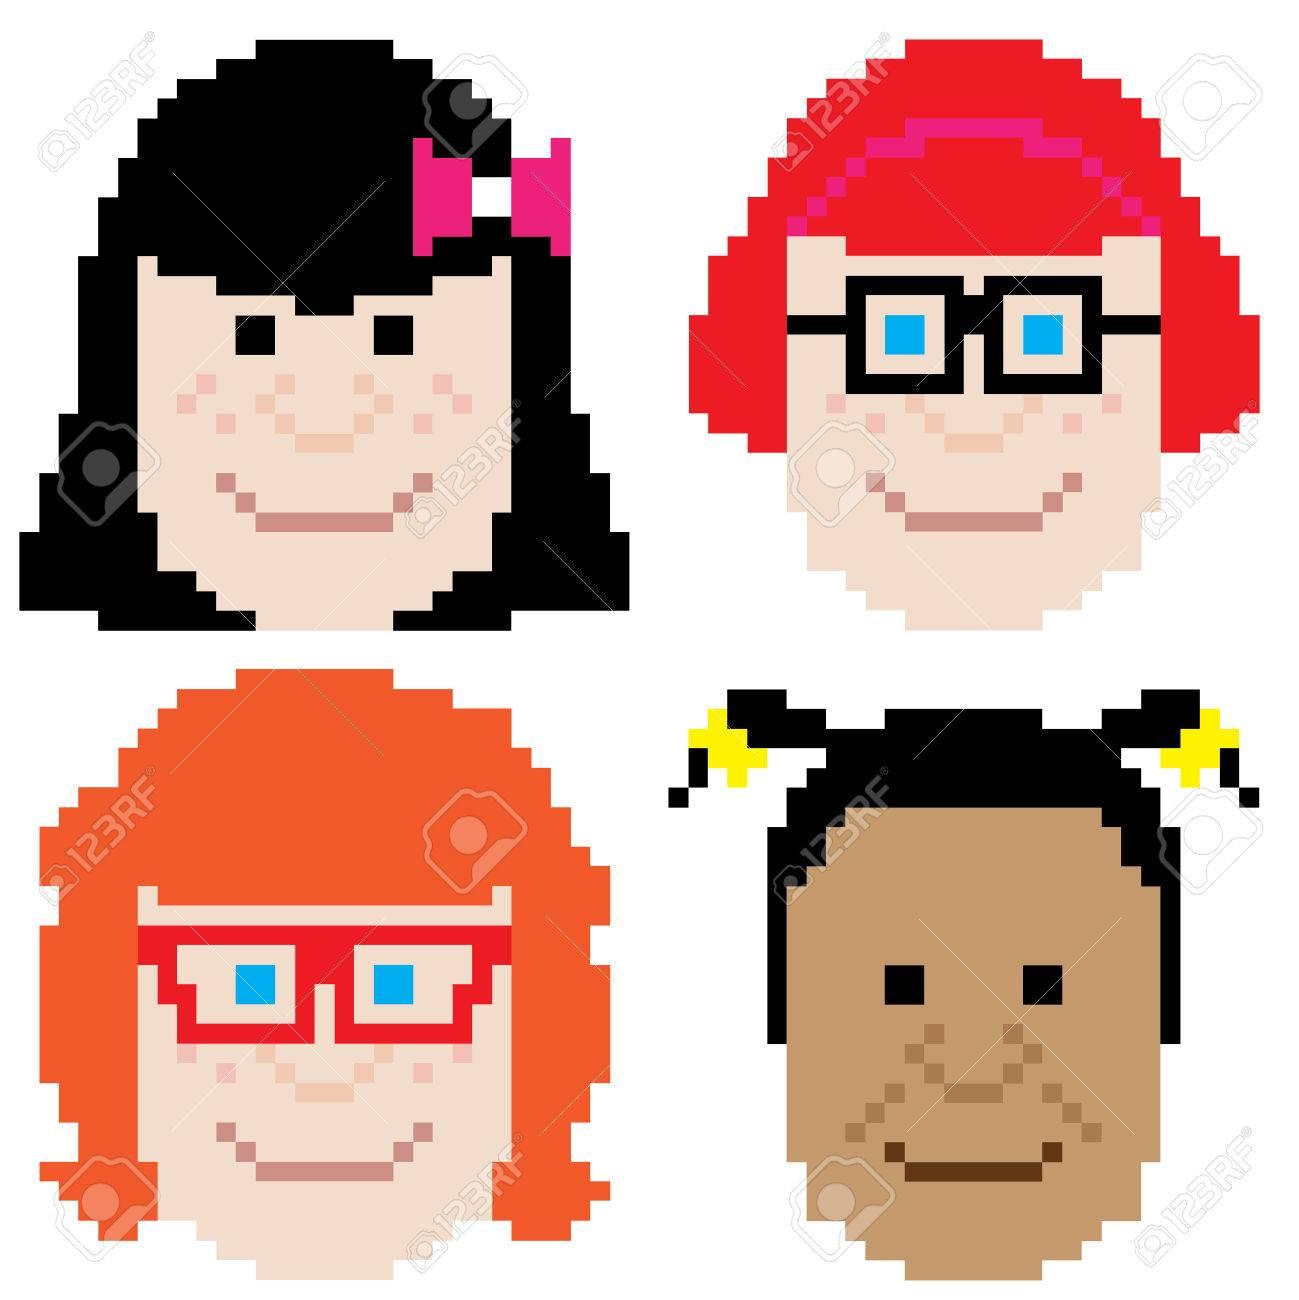 Girl Face Retro Computer Eight Bit Pixel Art